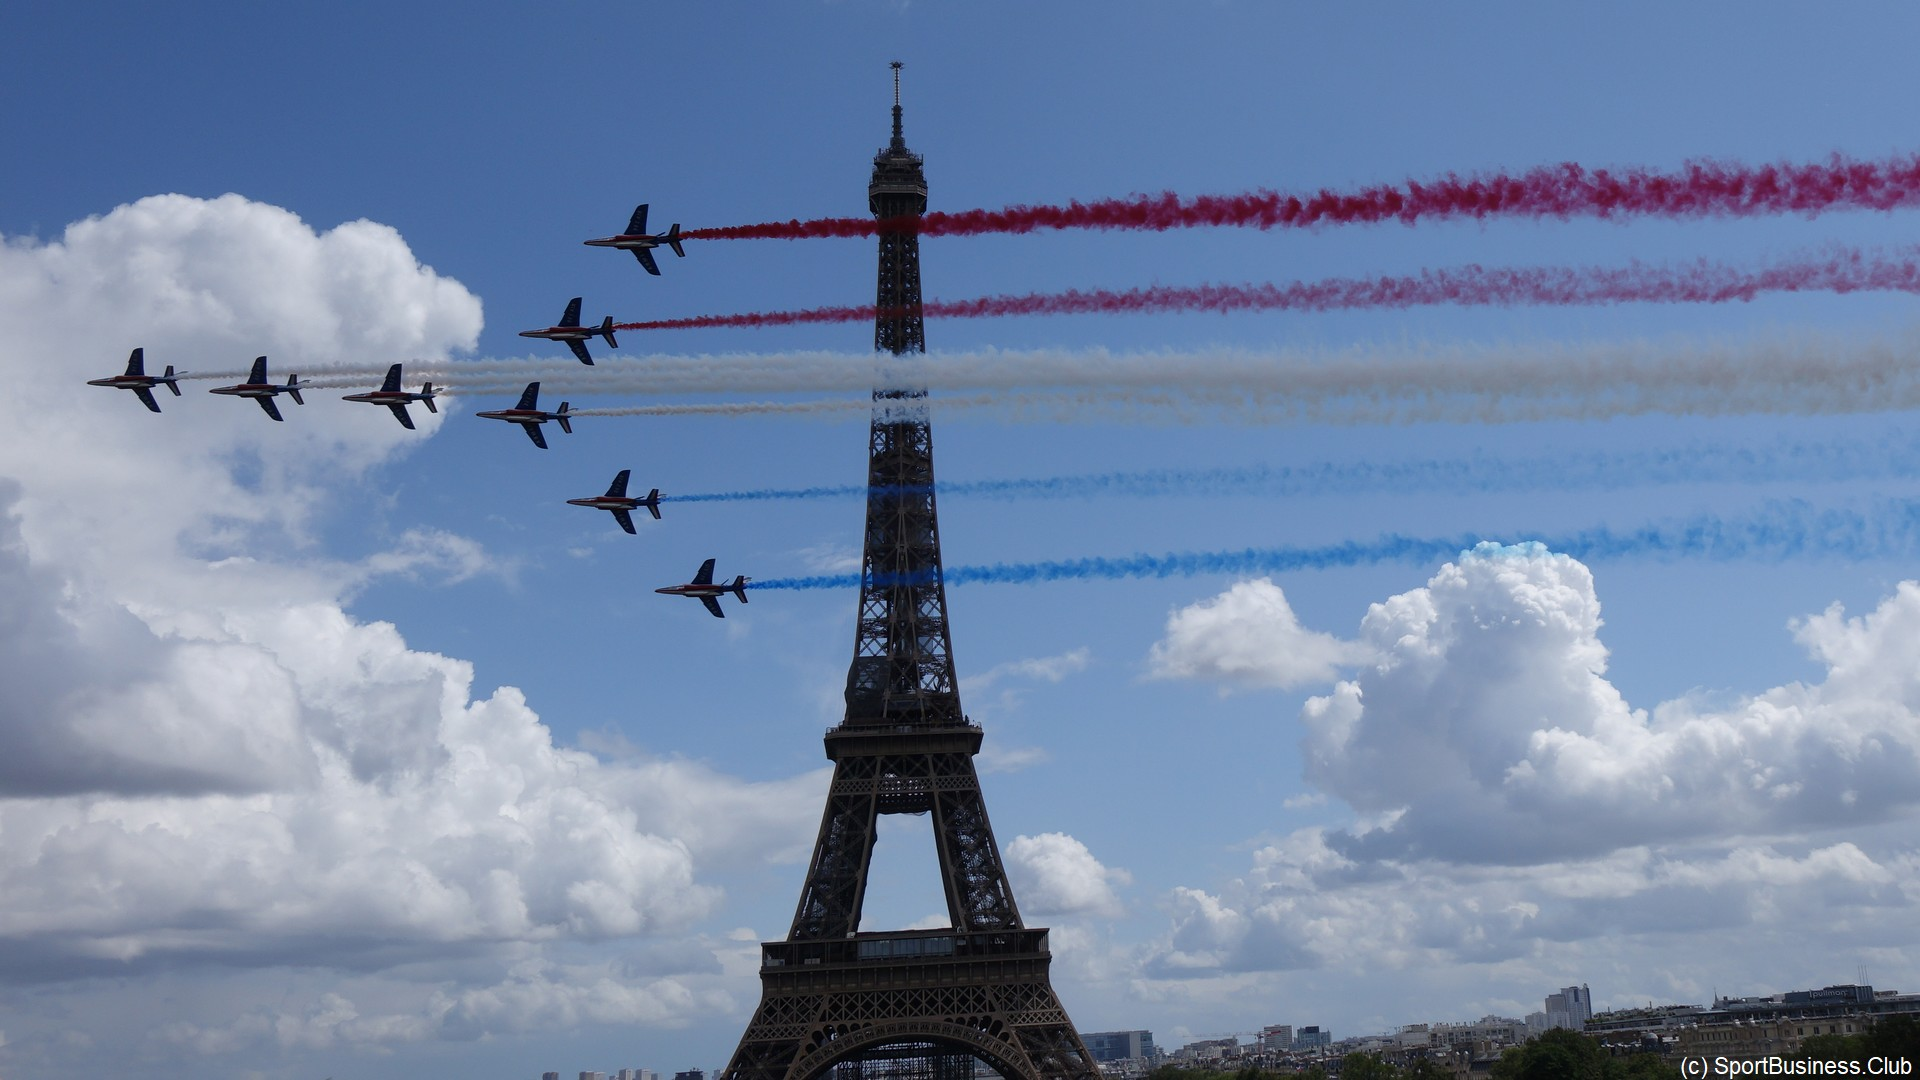 Paris 2024 – Tour Eiffel